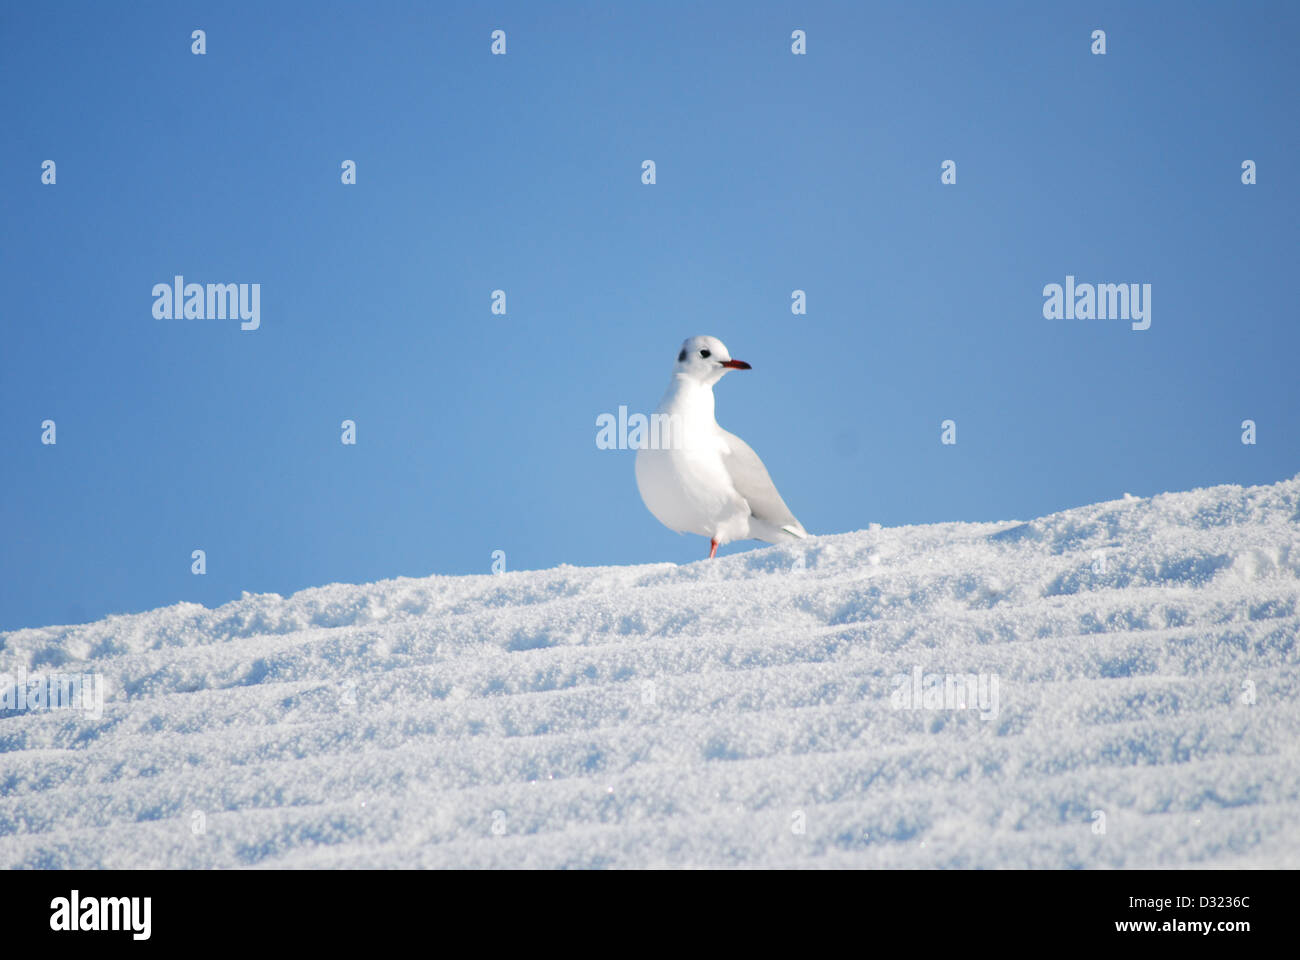 Eine Möwe auf einem Dach bedeckt im Schnee, im Winter mit einem strahlend blauen Himmelshintergrund mit sehr einfachen Stockfoto